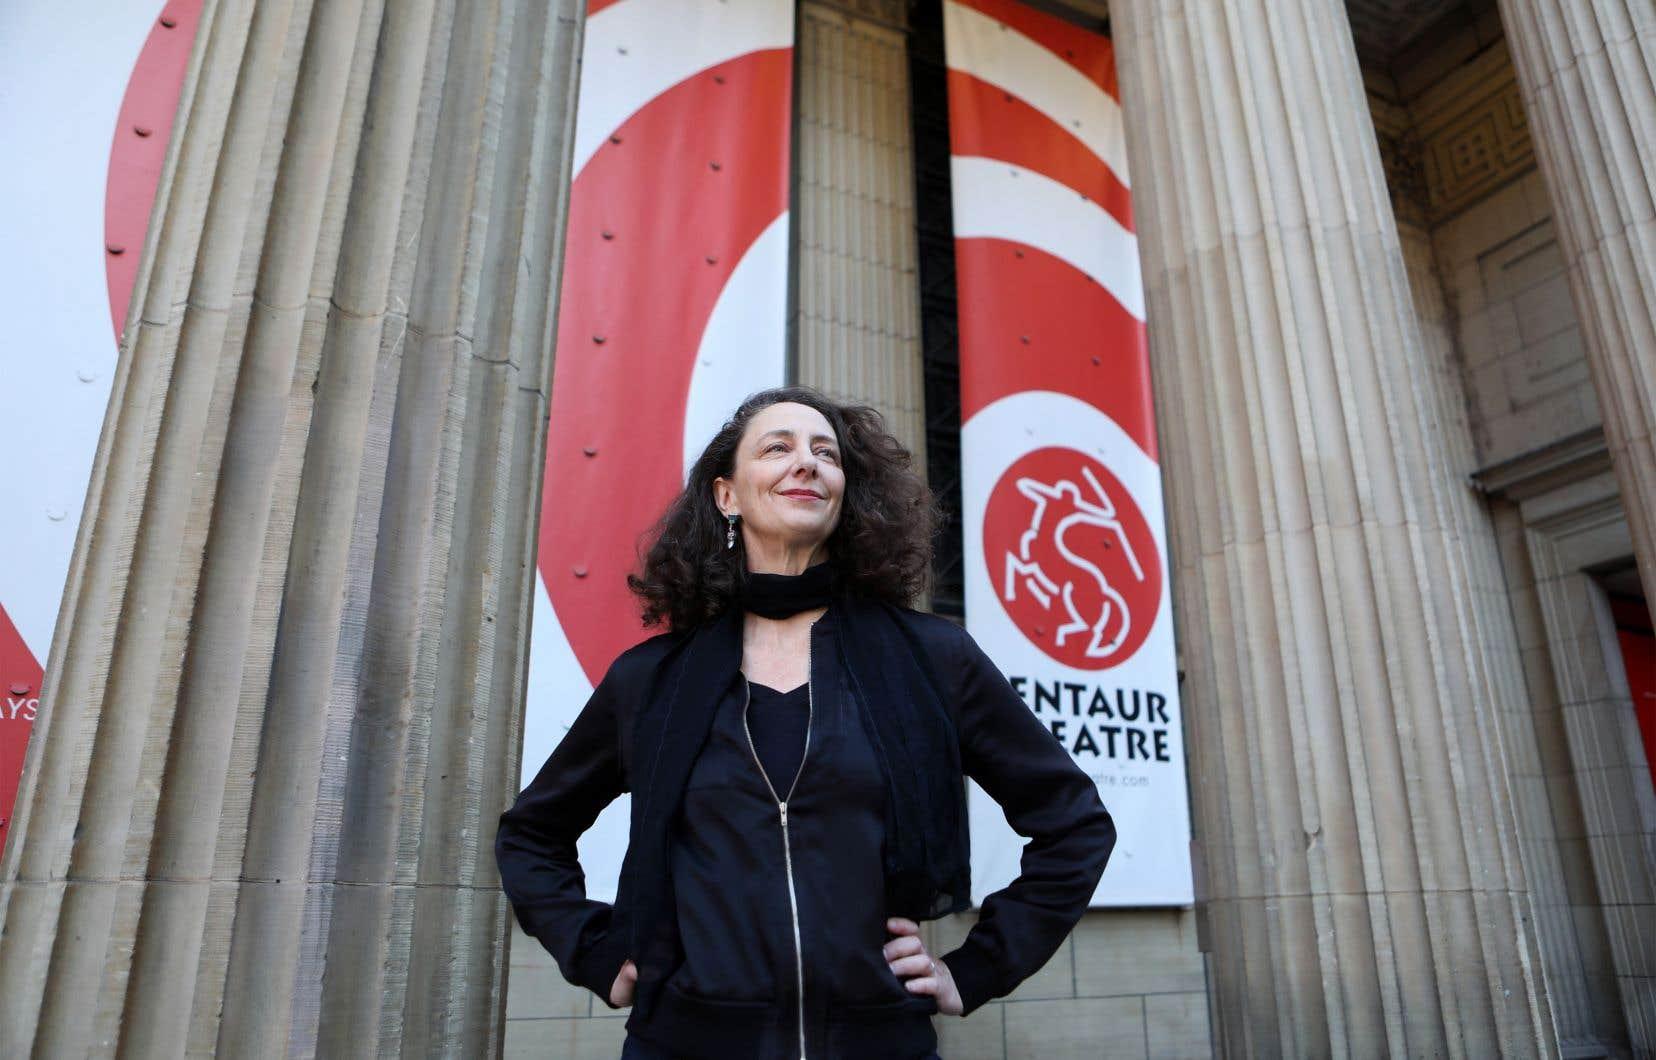 Environ 30% du public fréquentant le Centaur serait francophone. Une proportion que sa directrice Eda Holmes aimerait encore augmenter. Elle espère collaborer avec «des artistes francophones connus».